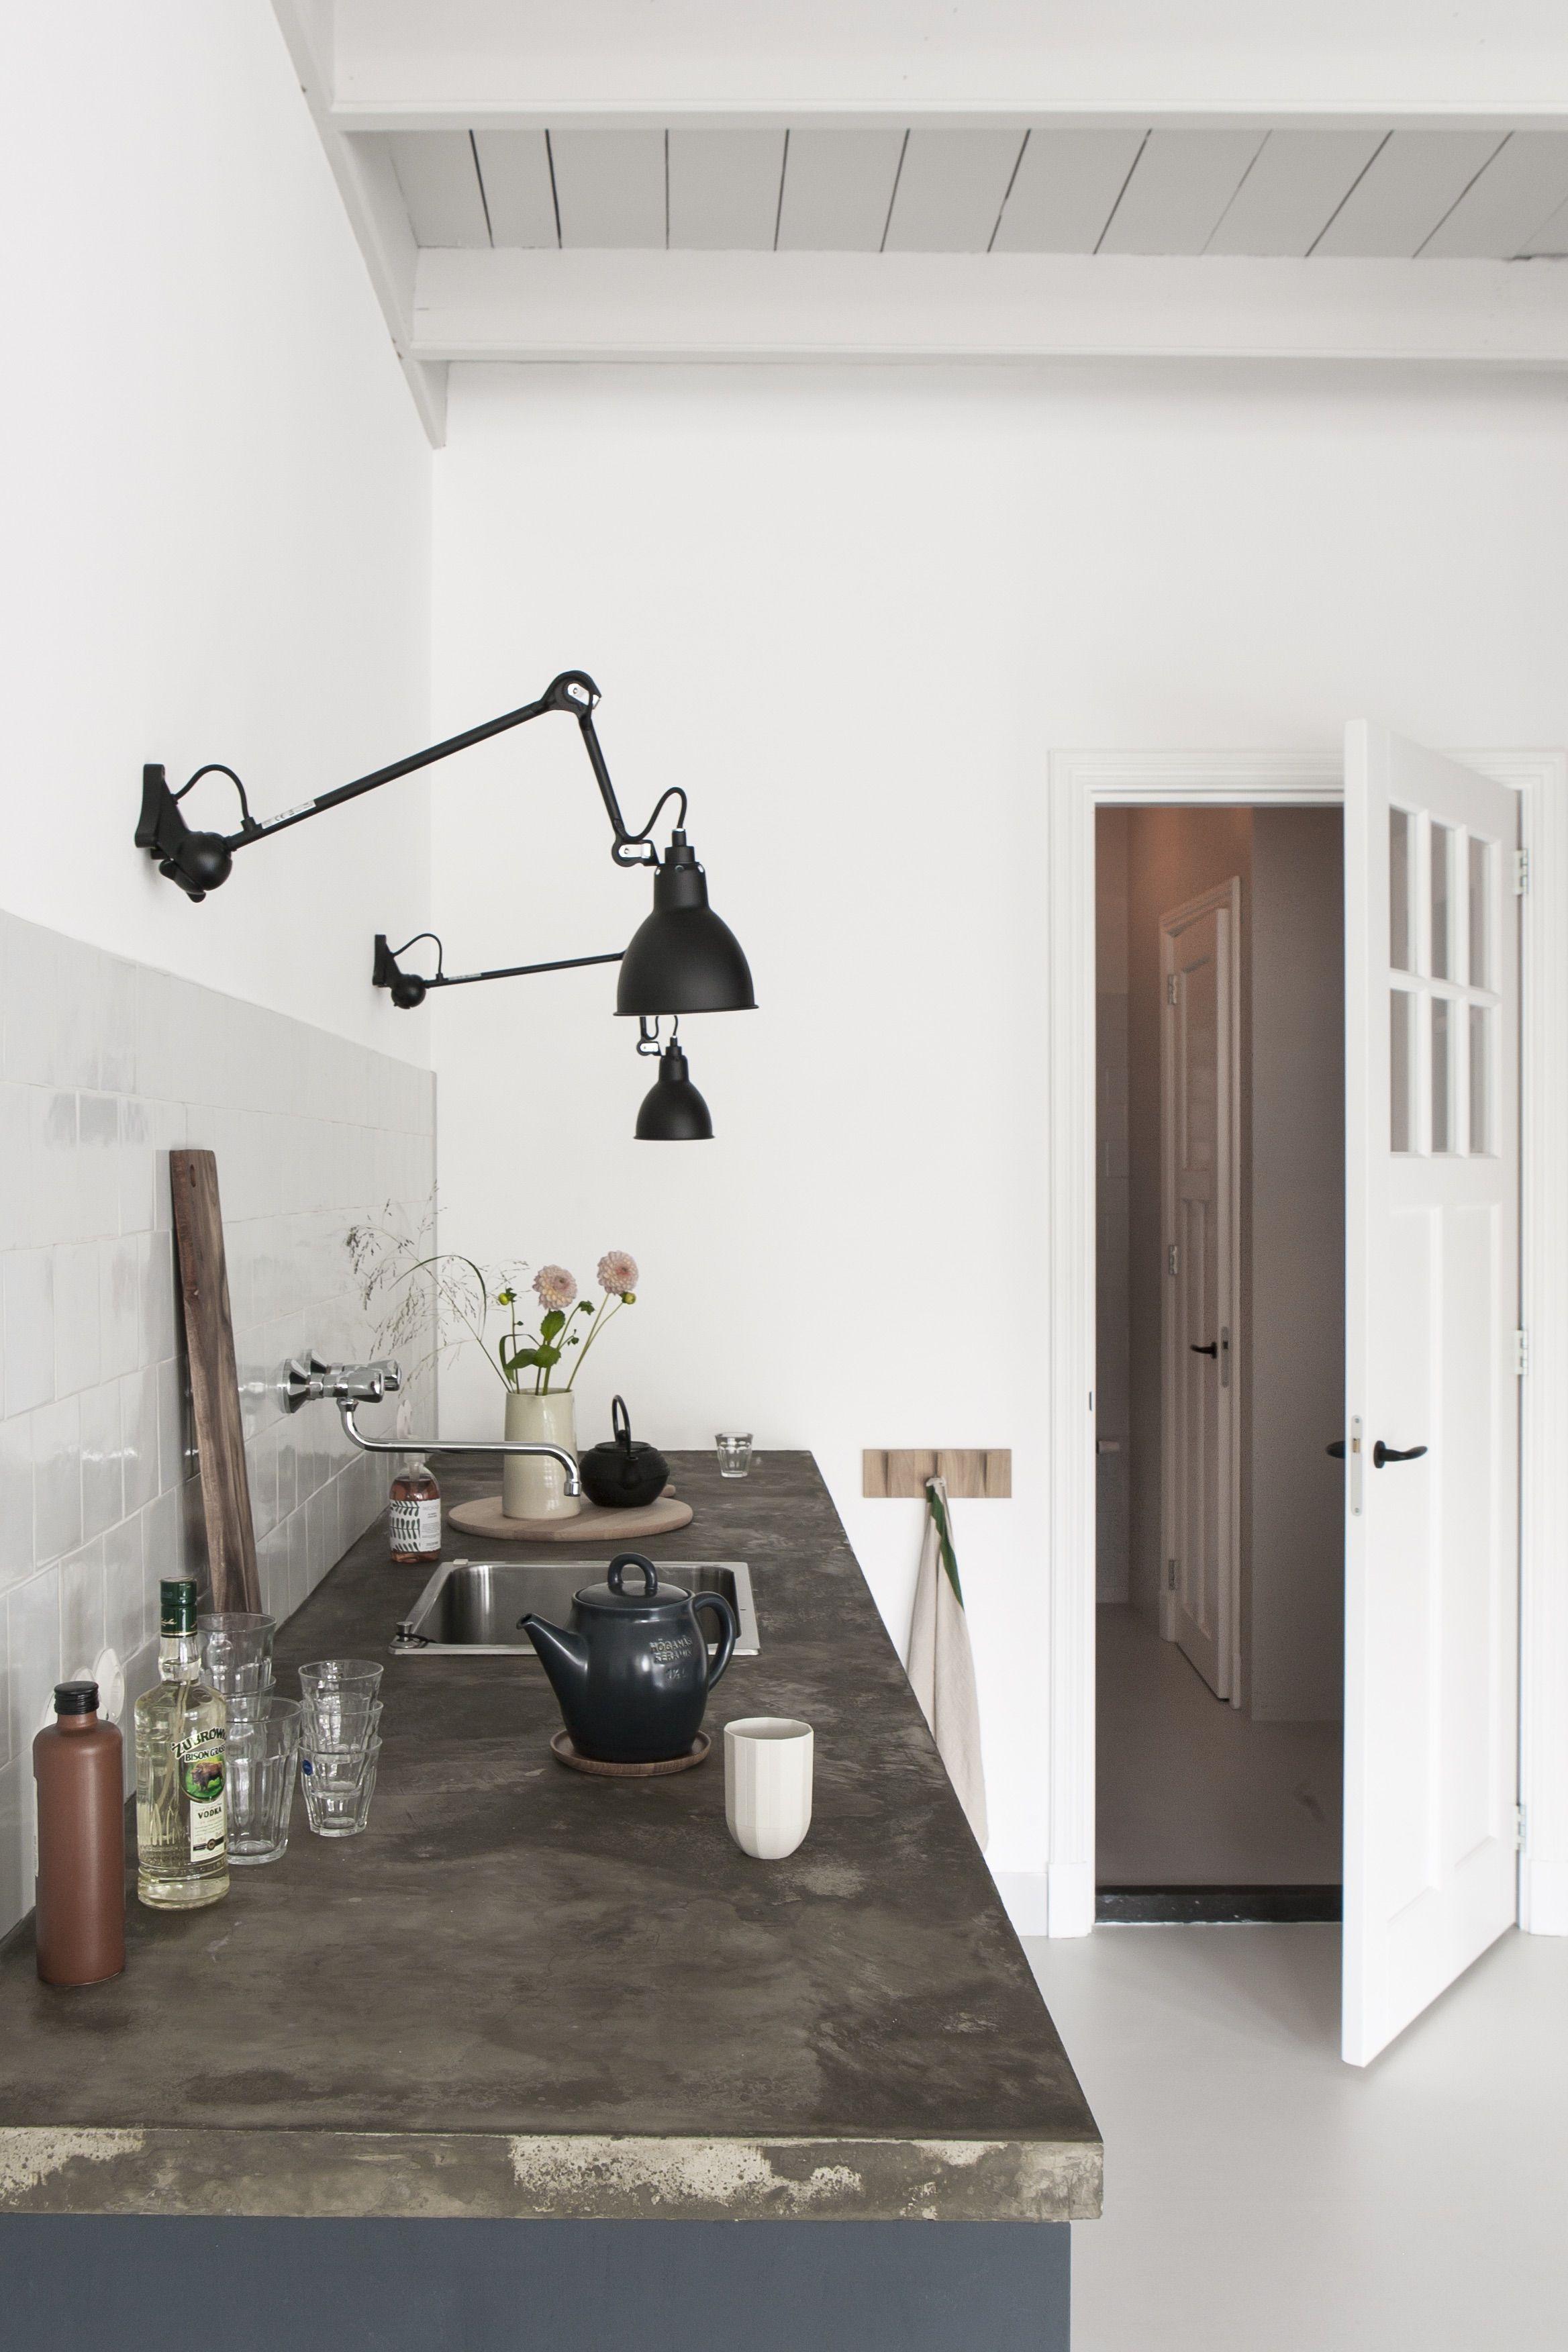 Kitchen Wall Lights Slim Storage Of The Week Curtained Dutch Modern Edition Interior Designer Christen Starkenburg S Interieur Plus Workspace At Jan De Jong Her Family Design Shop In Friesland Netherlands